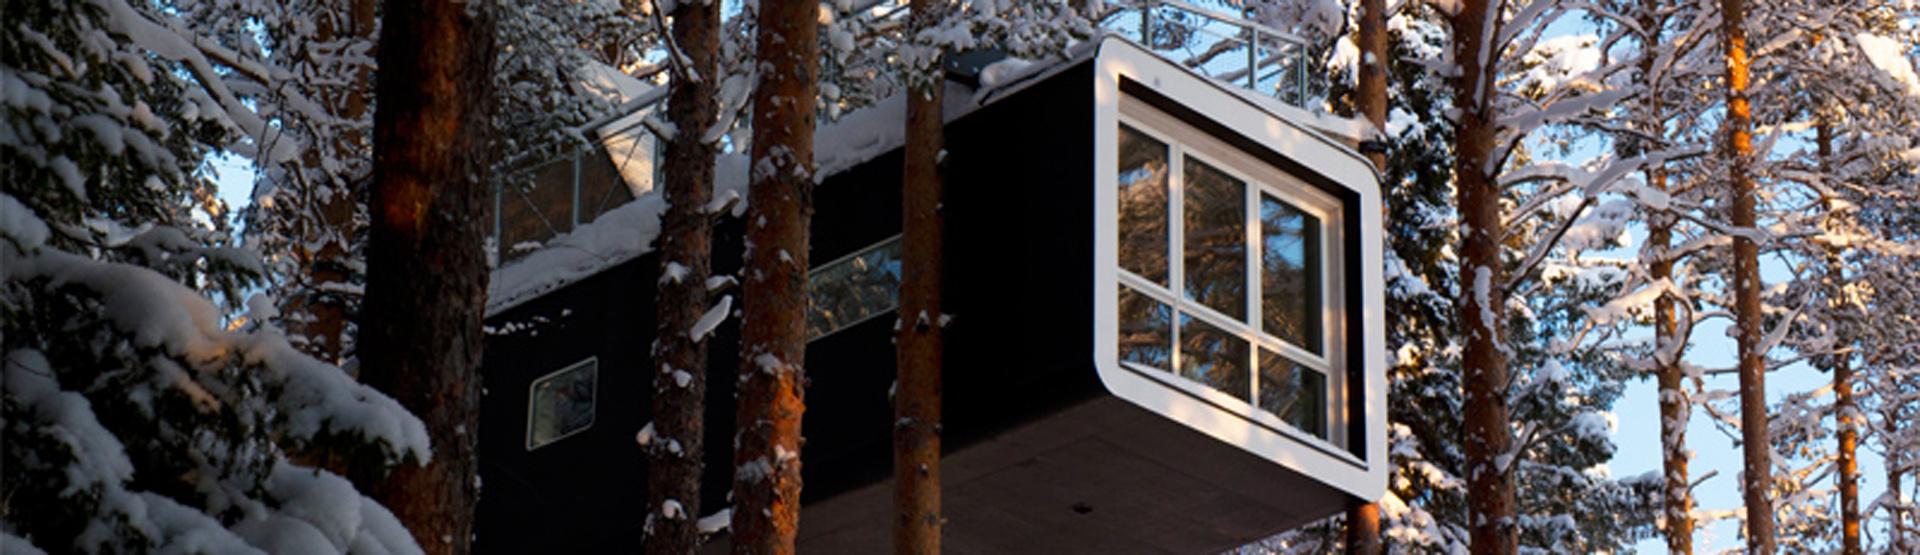 baumhaushotel eishotel bernachtungen in schweden. Black Bedroom Furniture Sets. Home Design Ideas